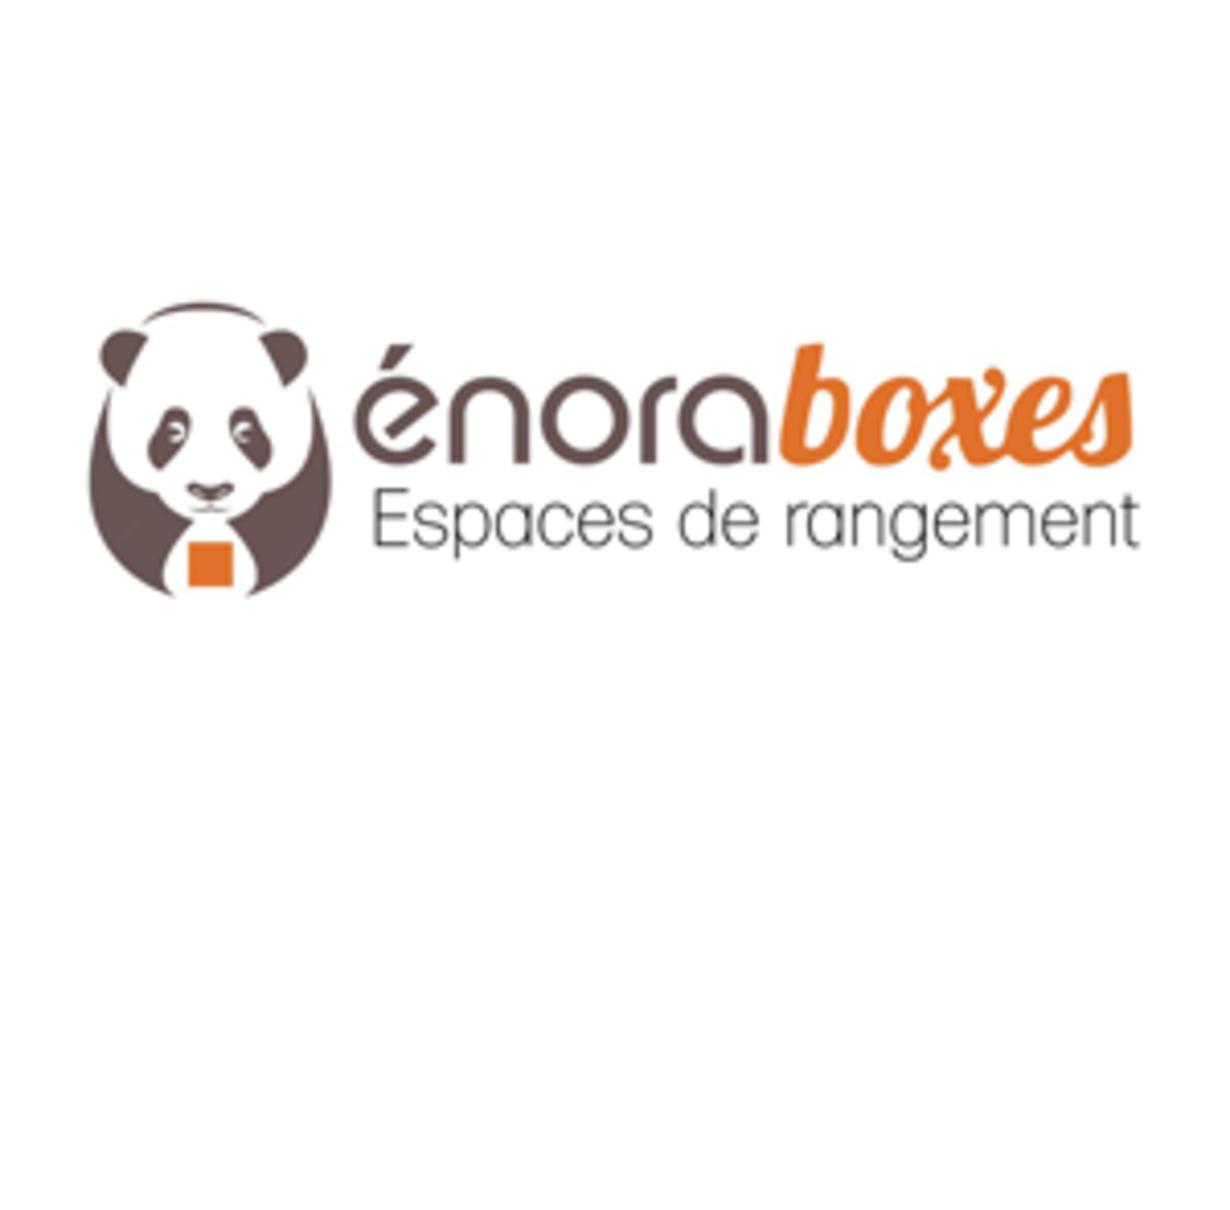 enoraboxes